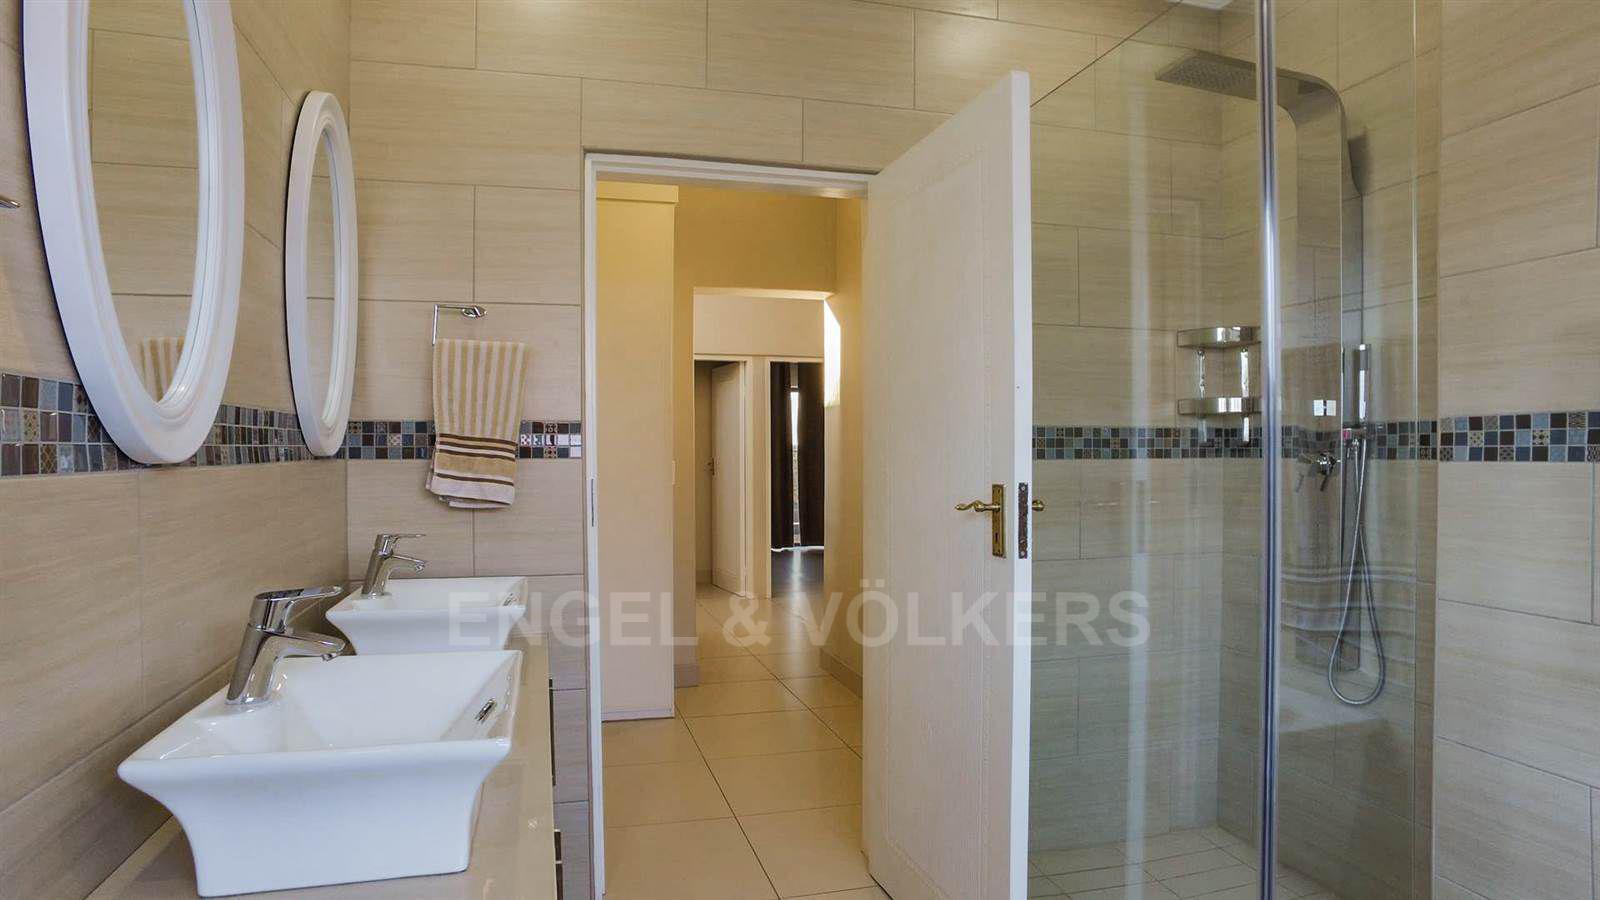 Eldoraigne property for sale. Ref No: 13520407. Picture no 21